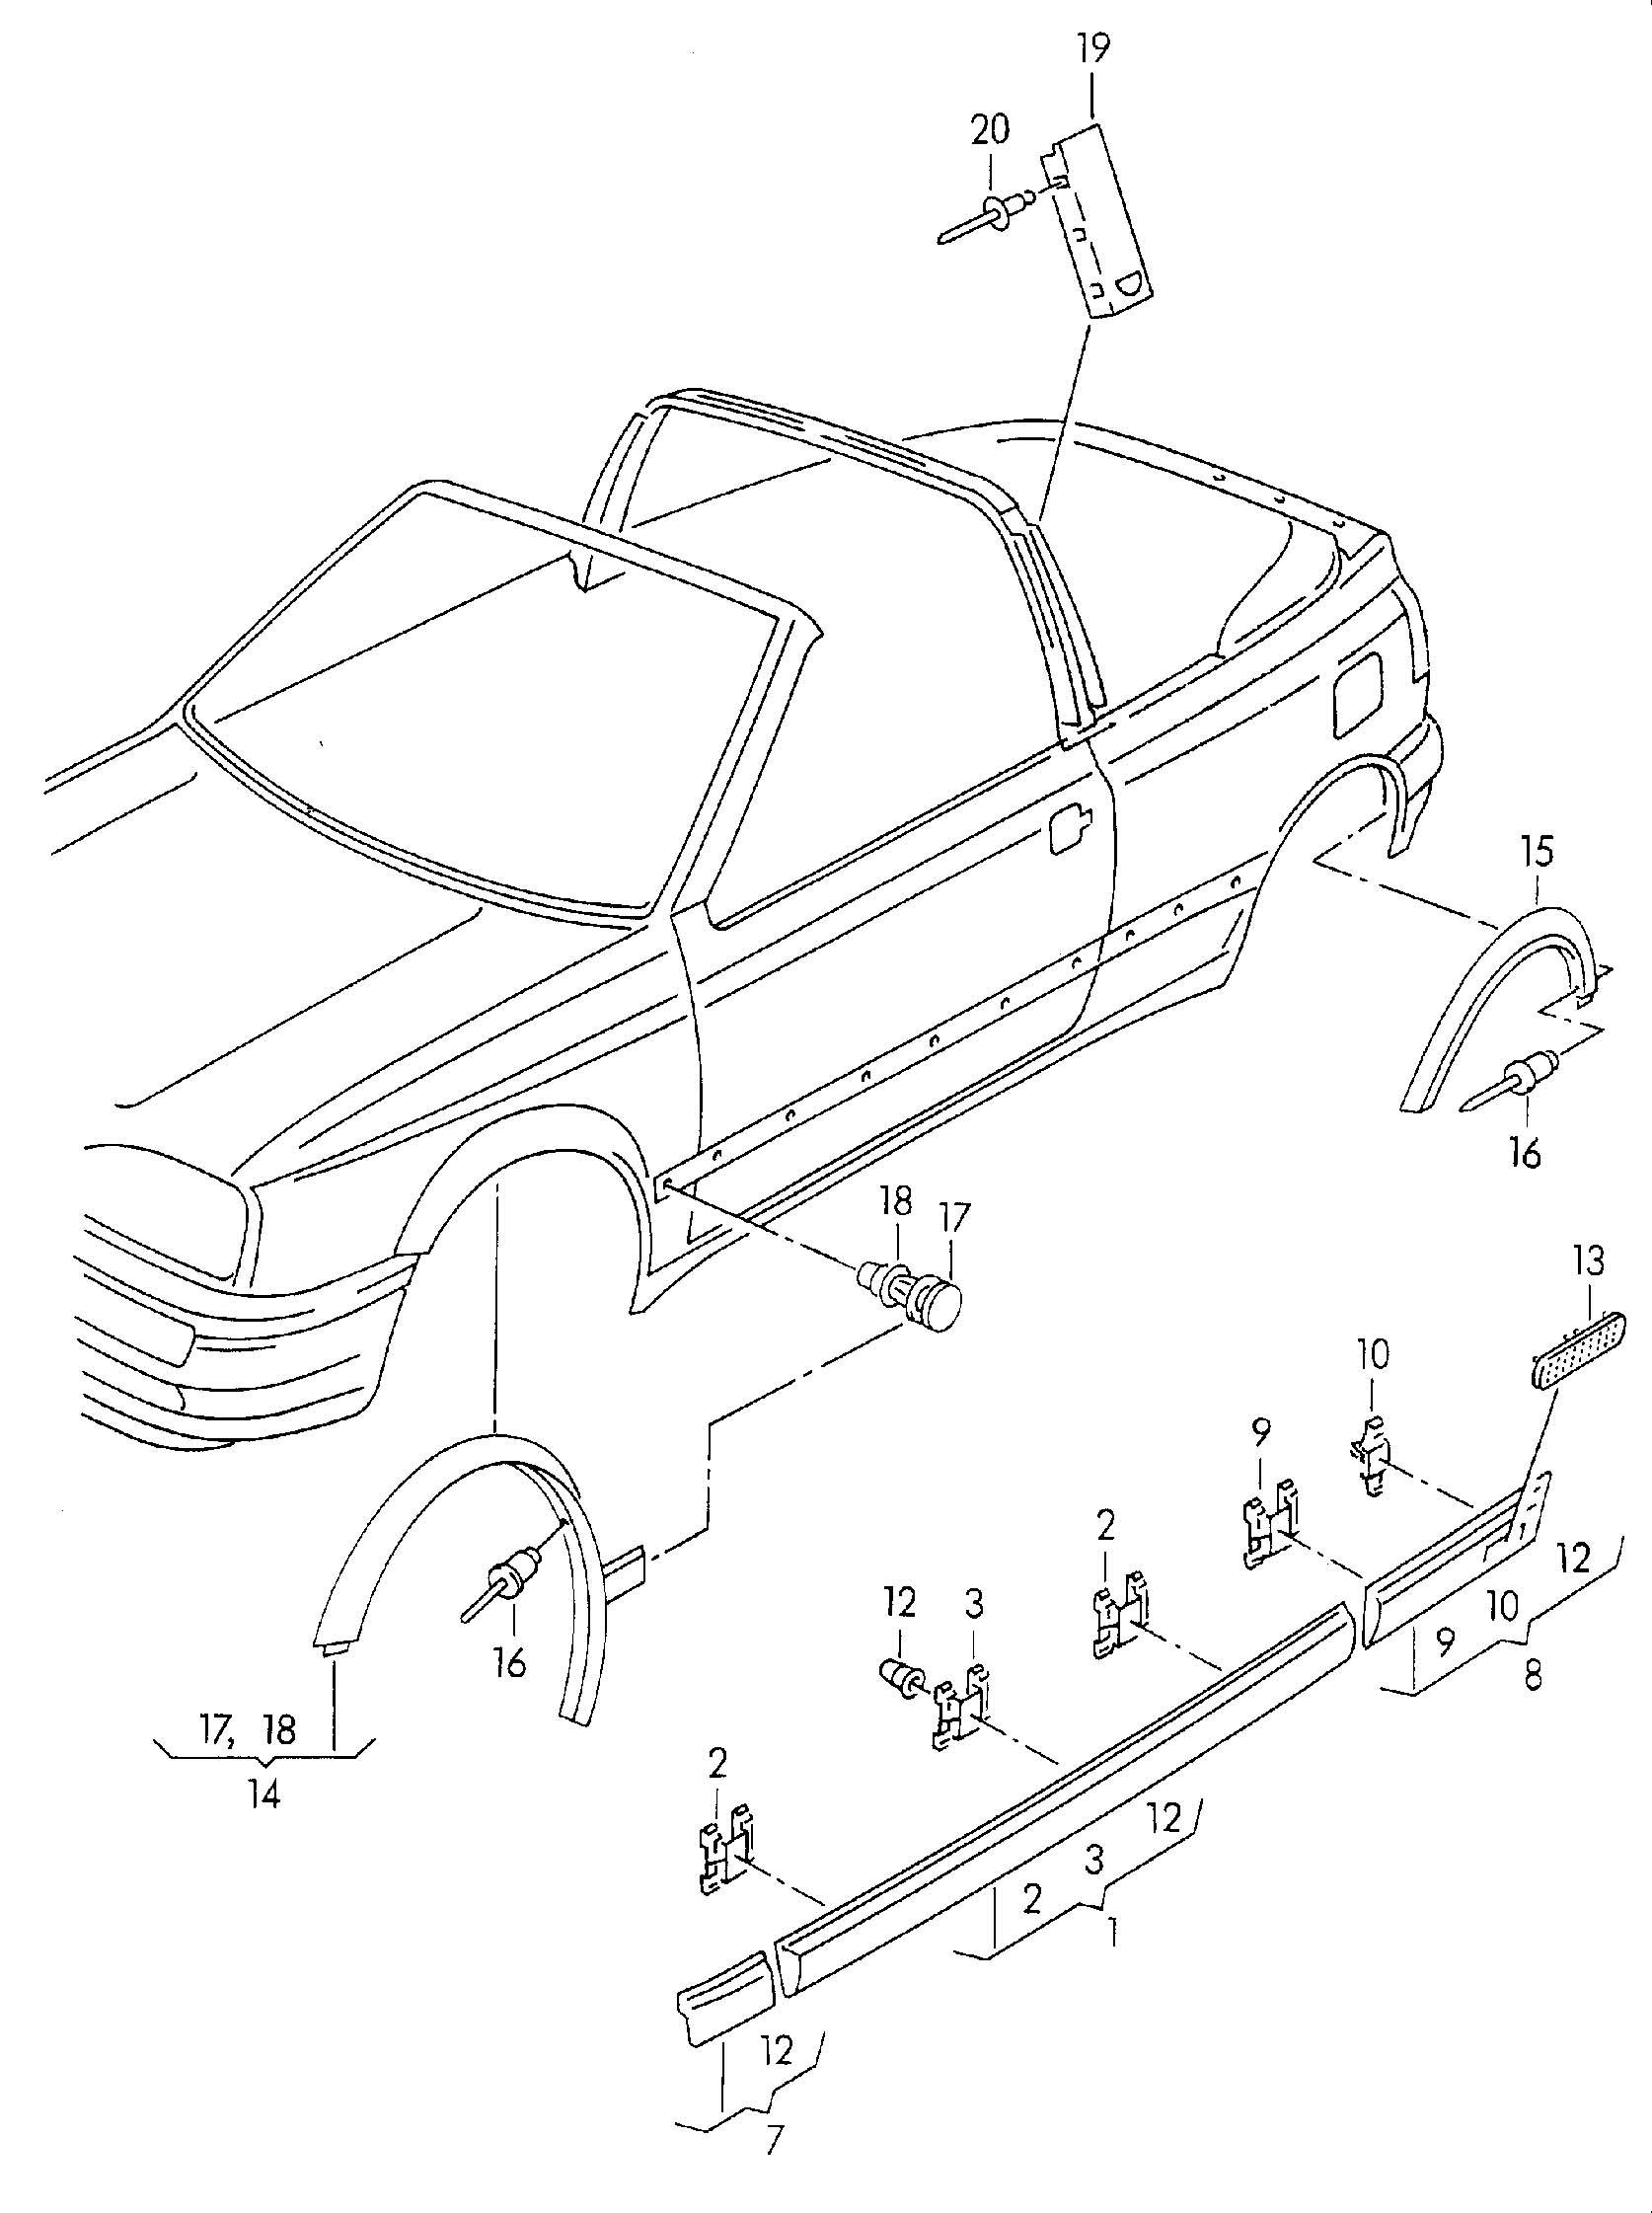 Volkswagen Cabrio Cabriolet Moldings Rubbing Strips Trim